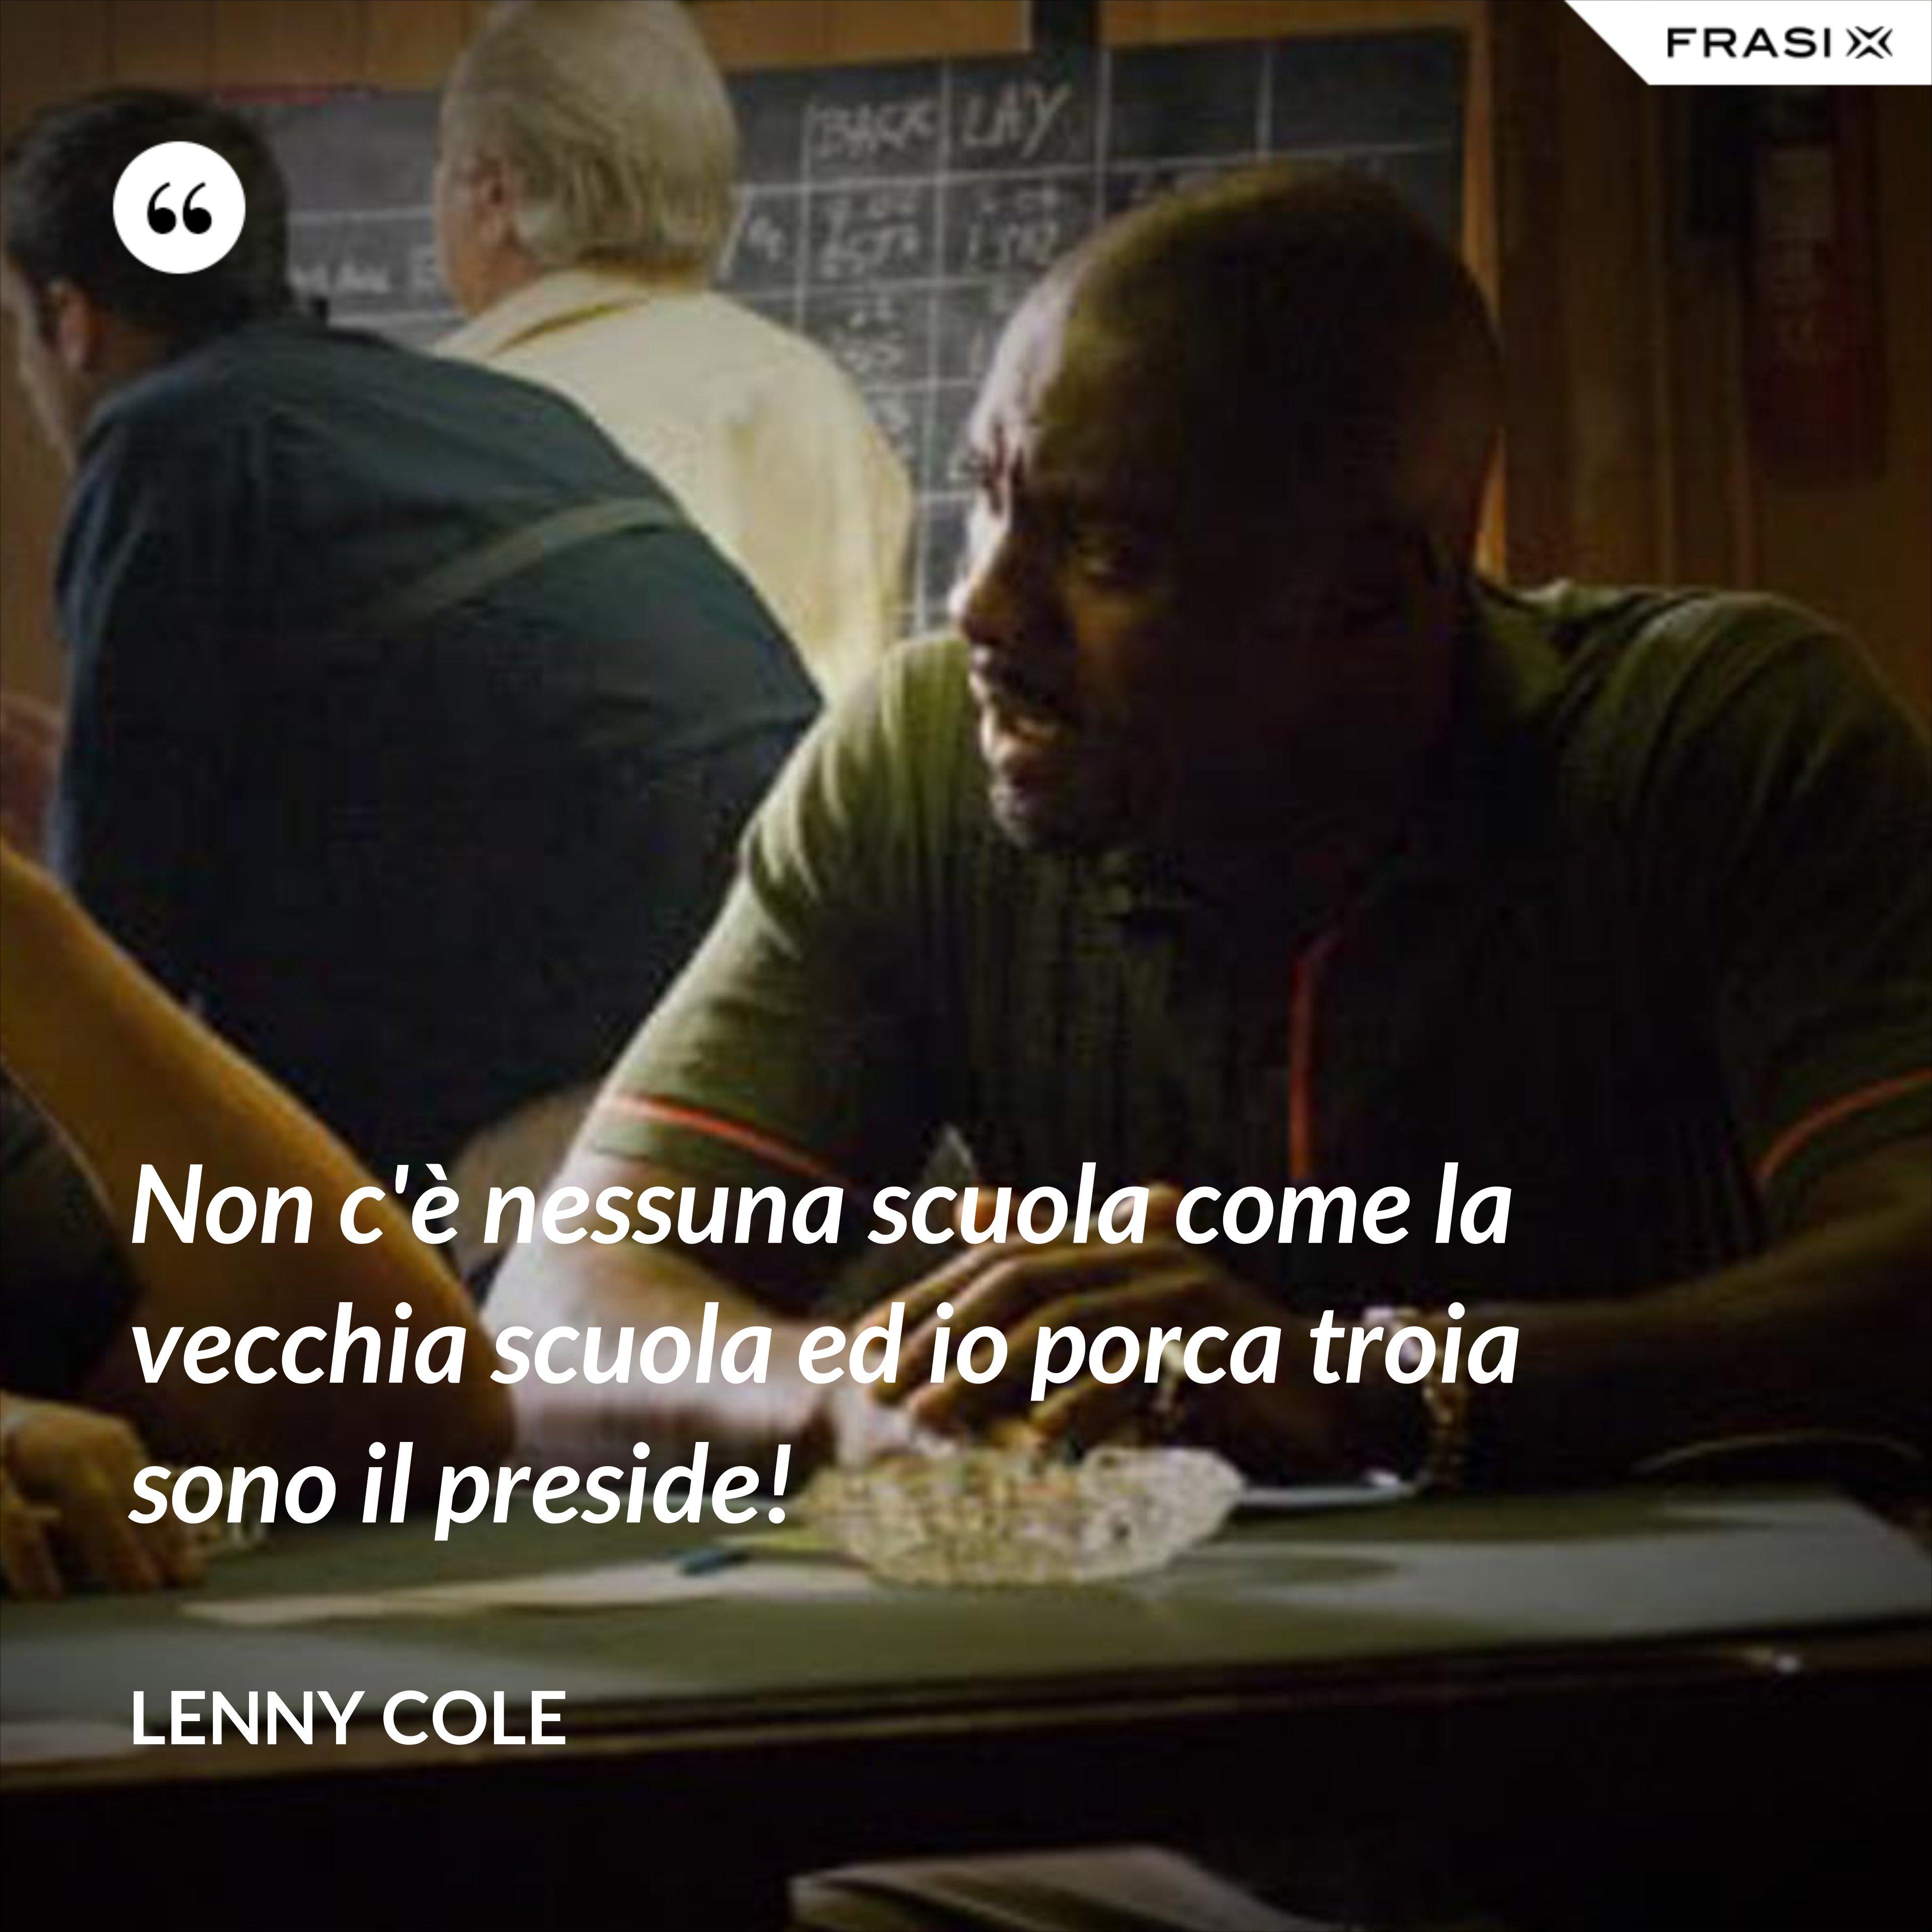 Non c'è nessuna scuola come la vecchia scuola ed io porca troia sono il preside! - Lenny Cole